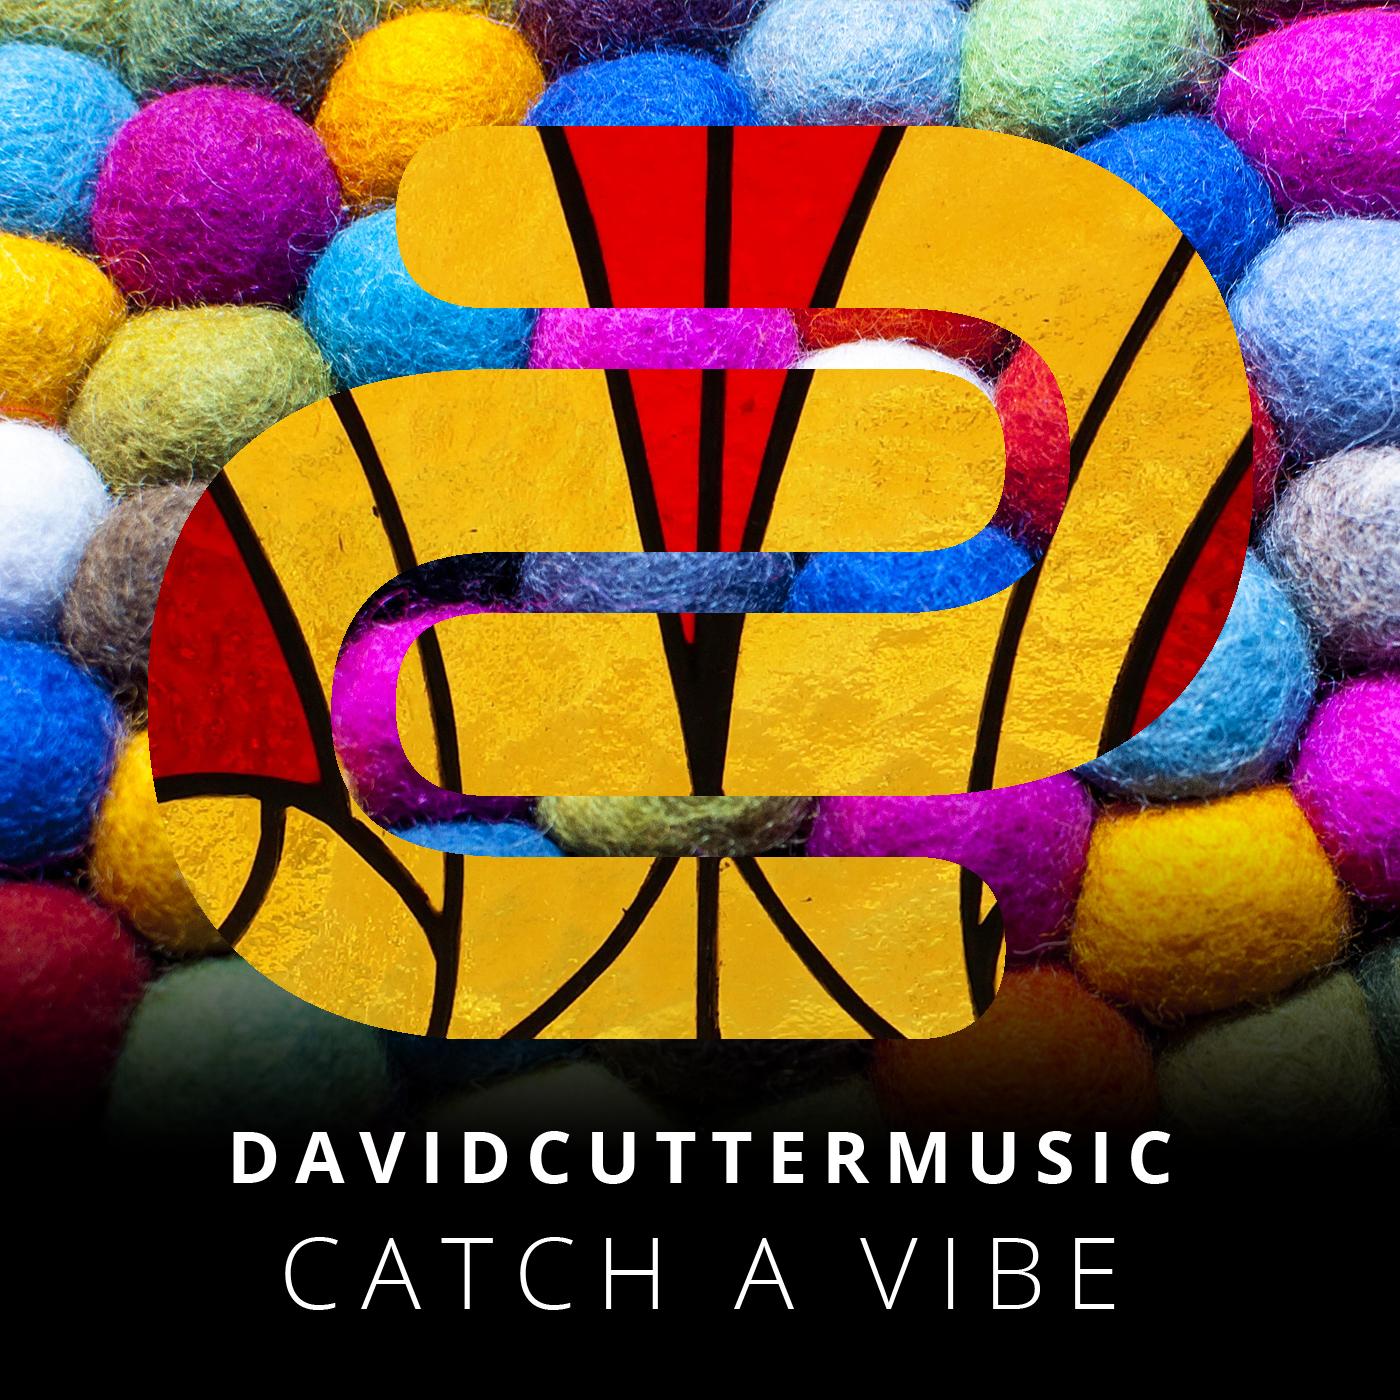 Catch a Vibe